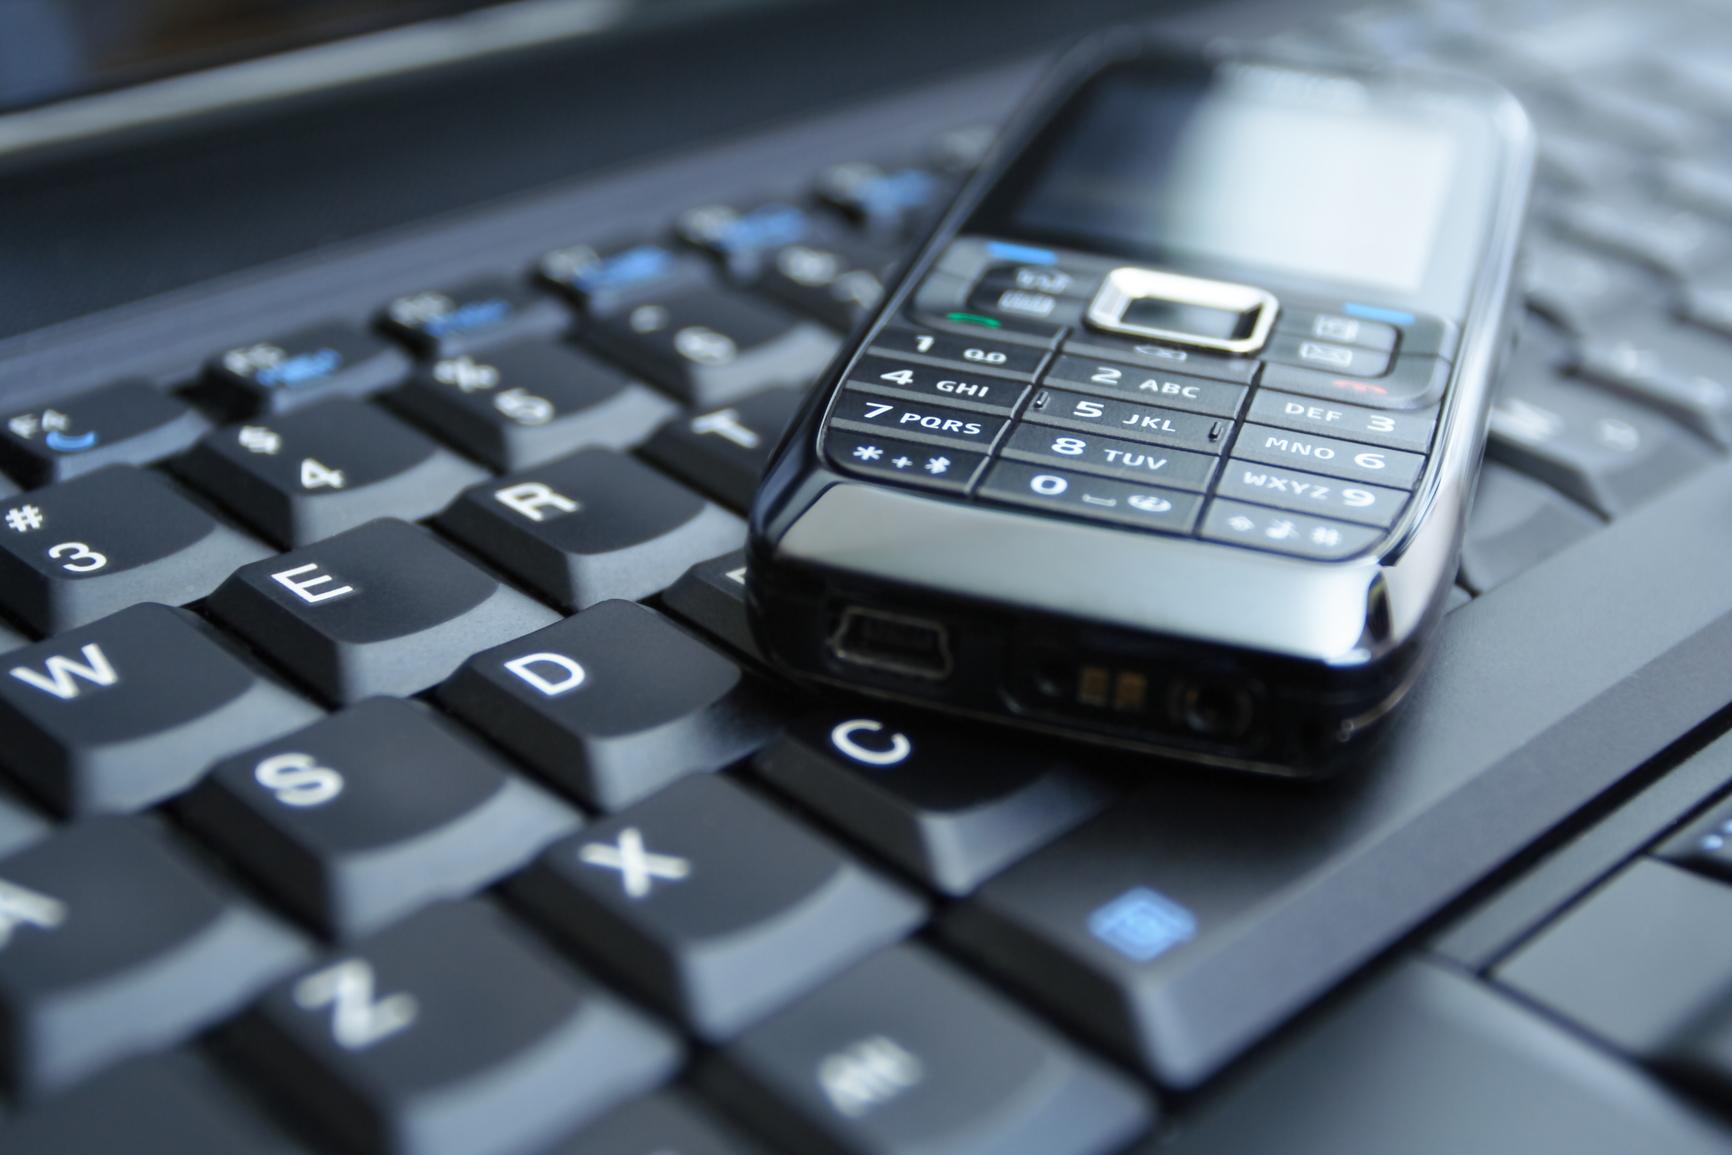 Как через мобильный подключить интернет. Интернет через мобильный телефон — Все варианты